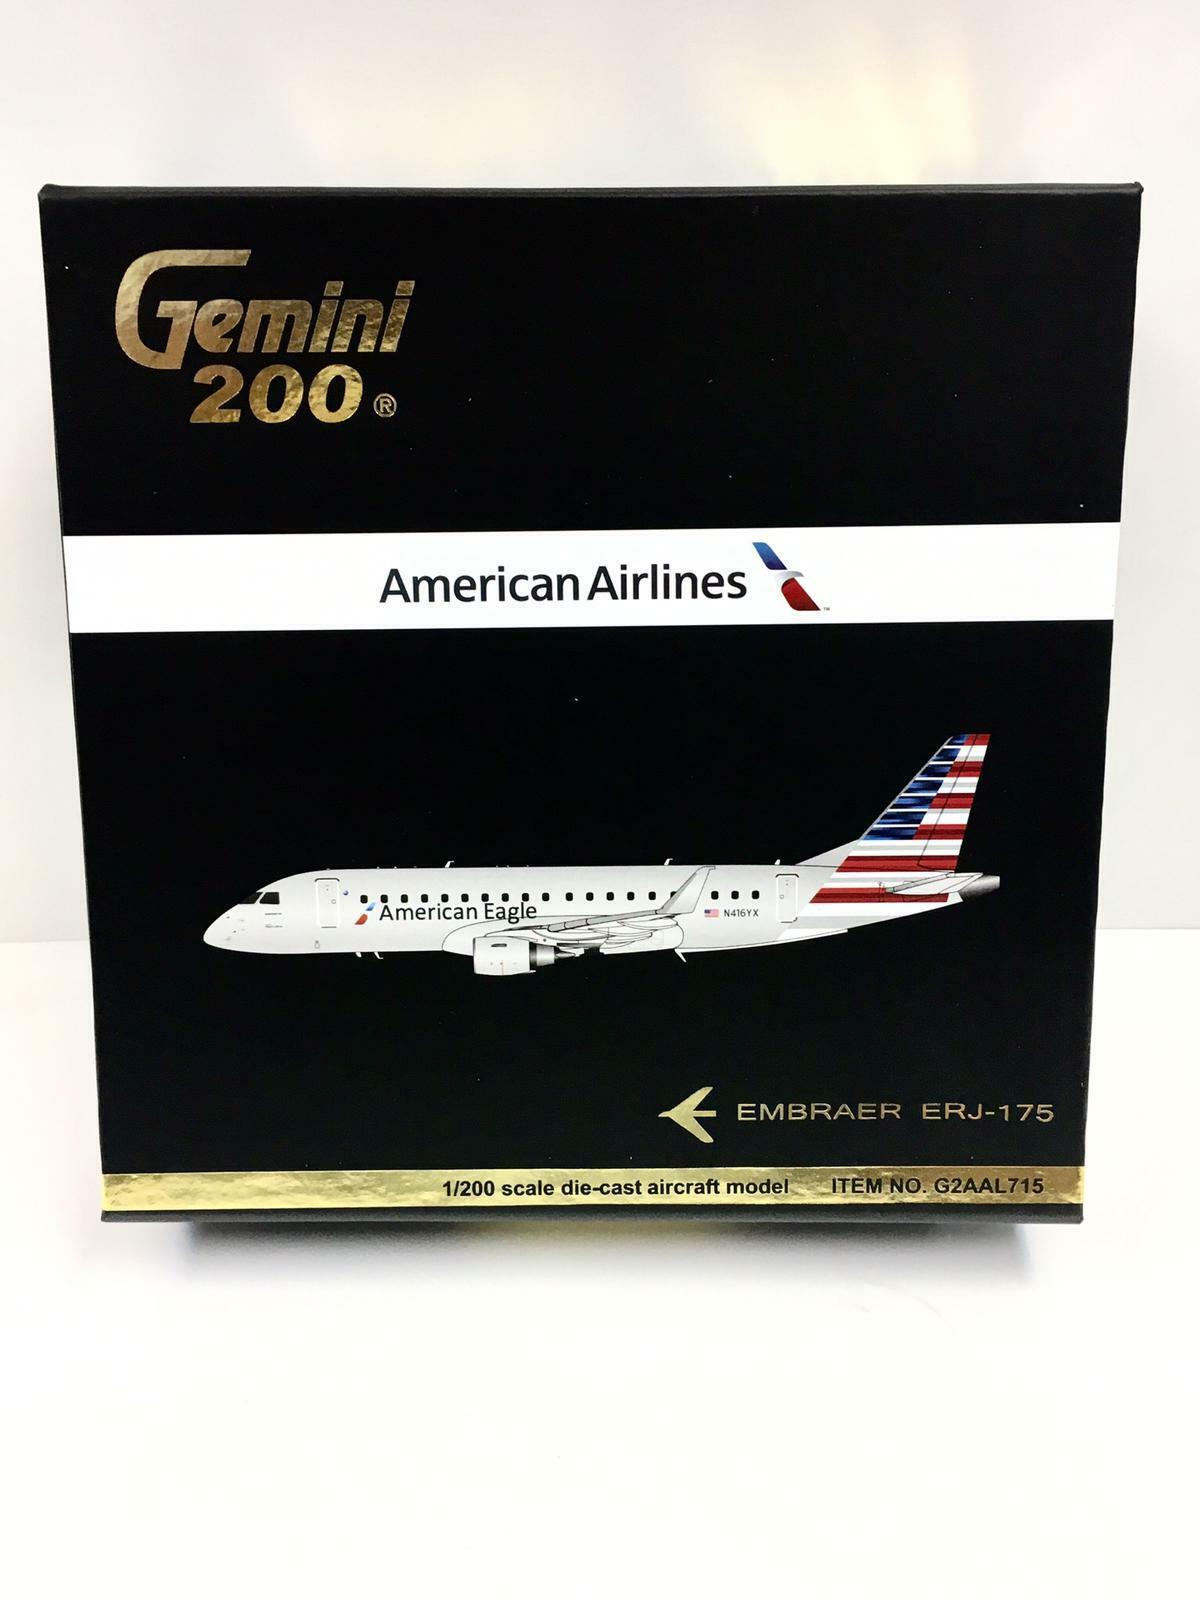 Tu satisfacción es nuestro objetivo Gemini Jets 1 200 American Airlines Embraer ERJ-175 N416YX N416YX N416YX G2AAL715  gran descuento